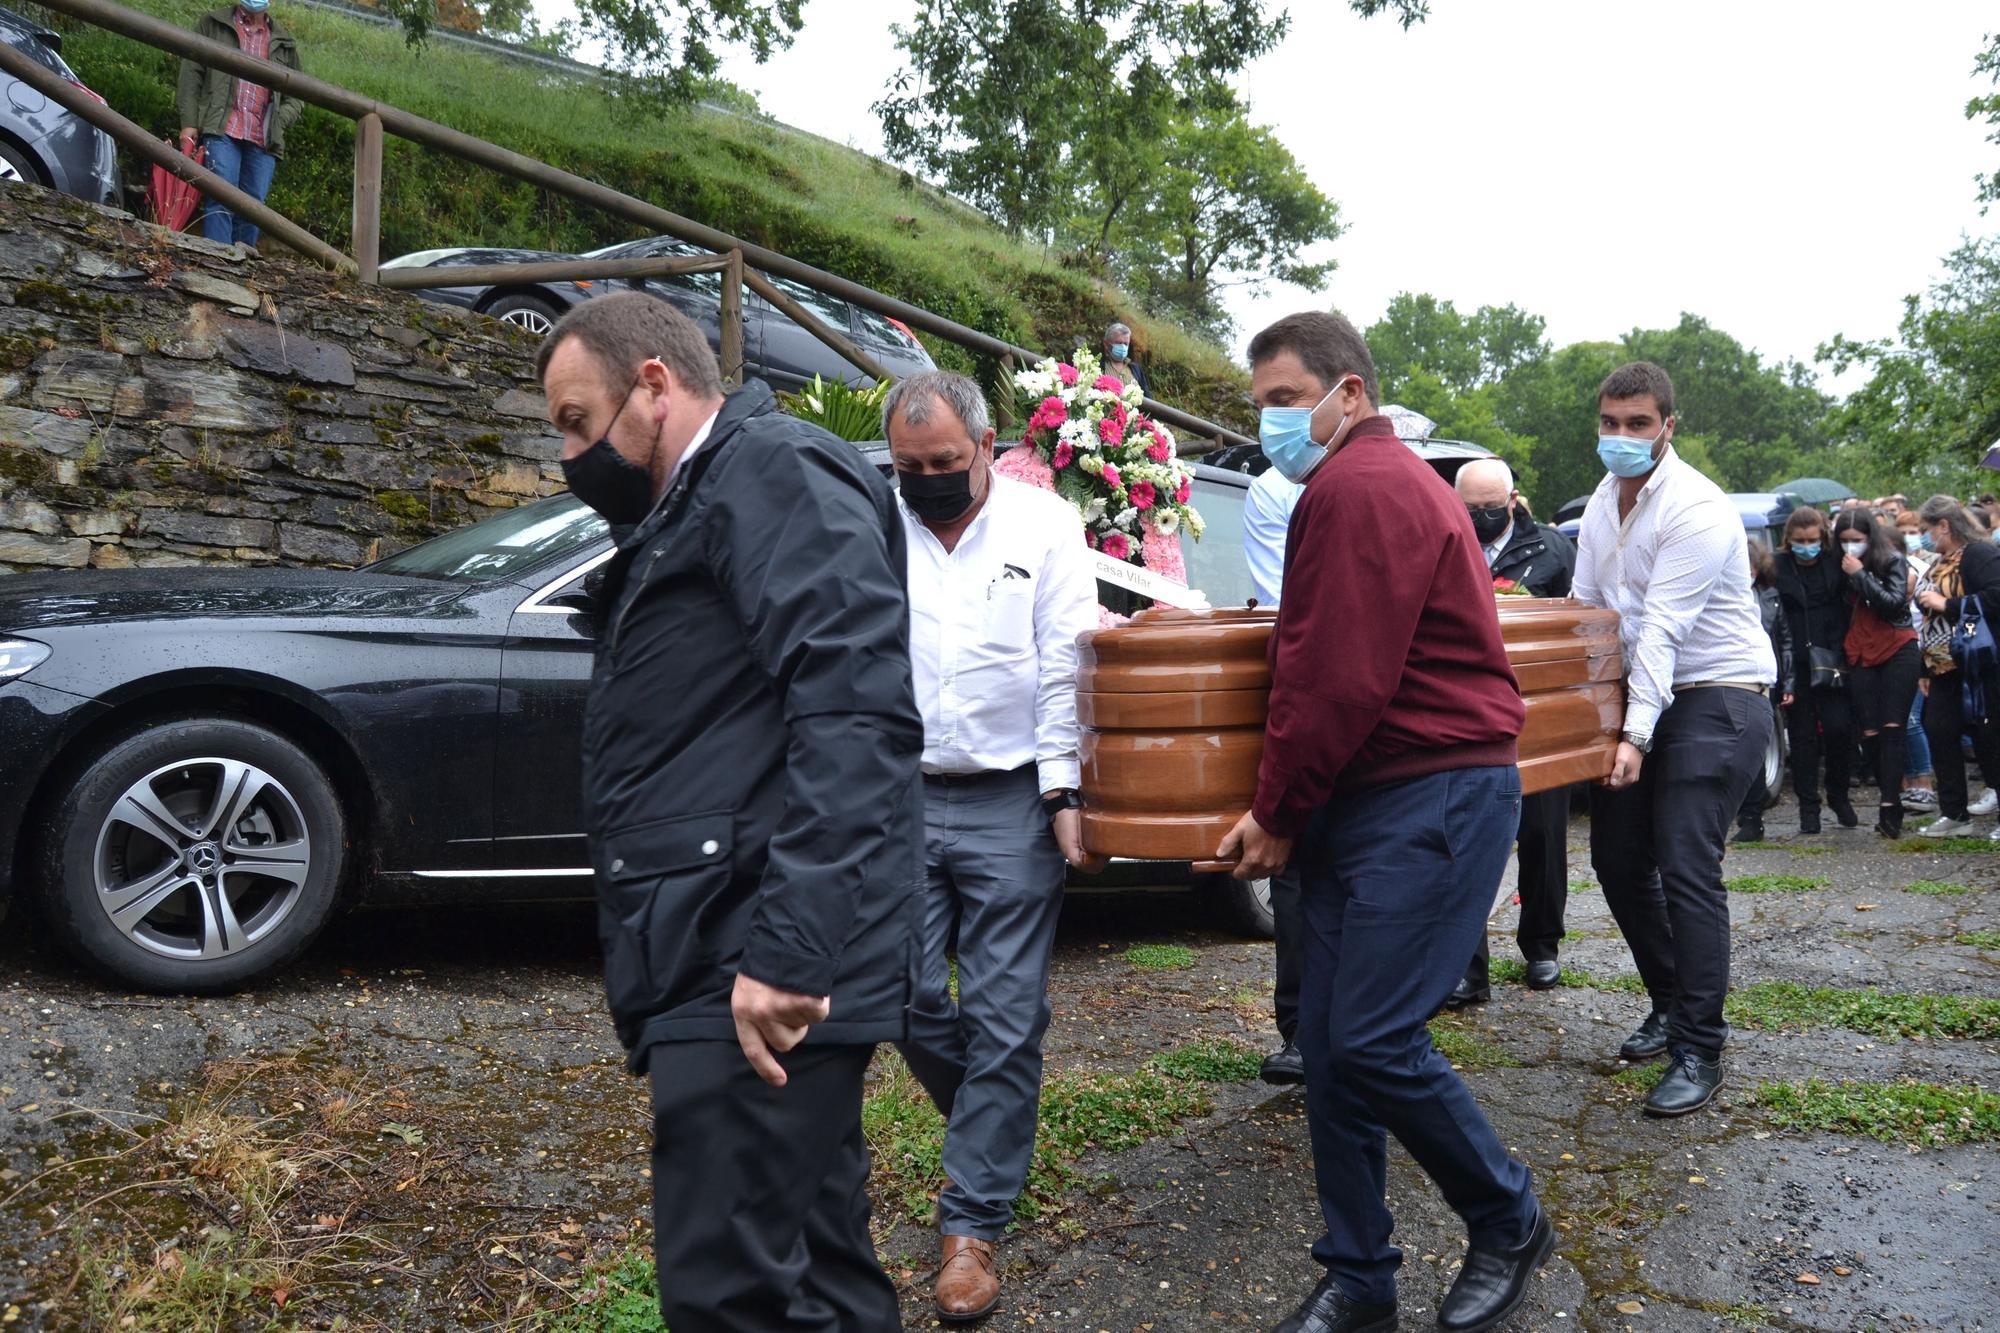 Consternación en el funeral, en Illano por el Alcalde, Wenceslao González, fallecido a los 53 años